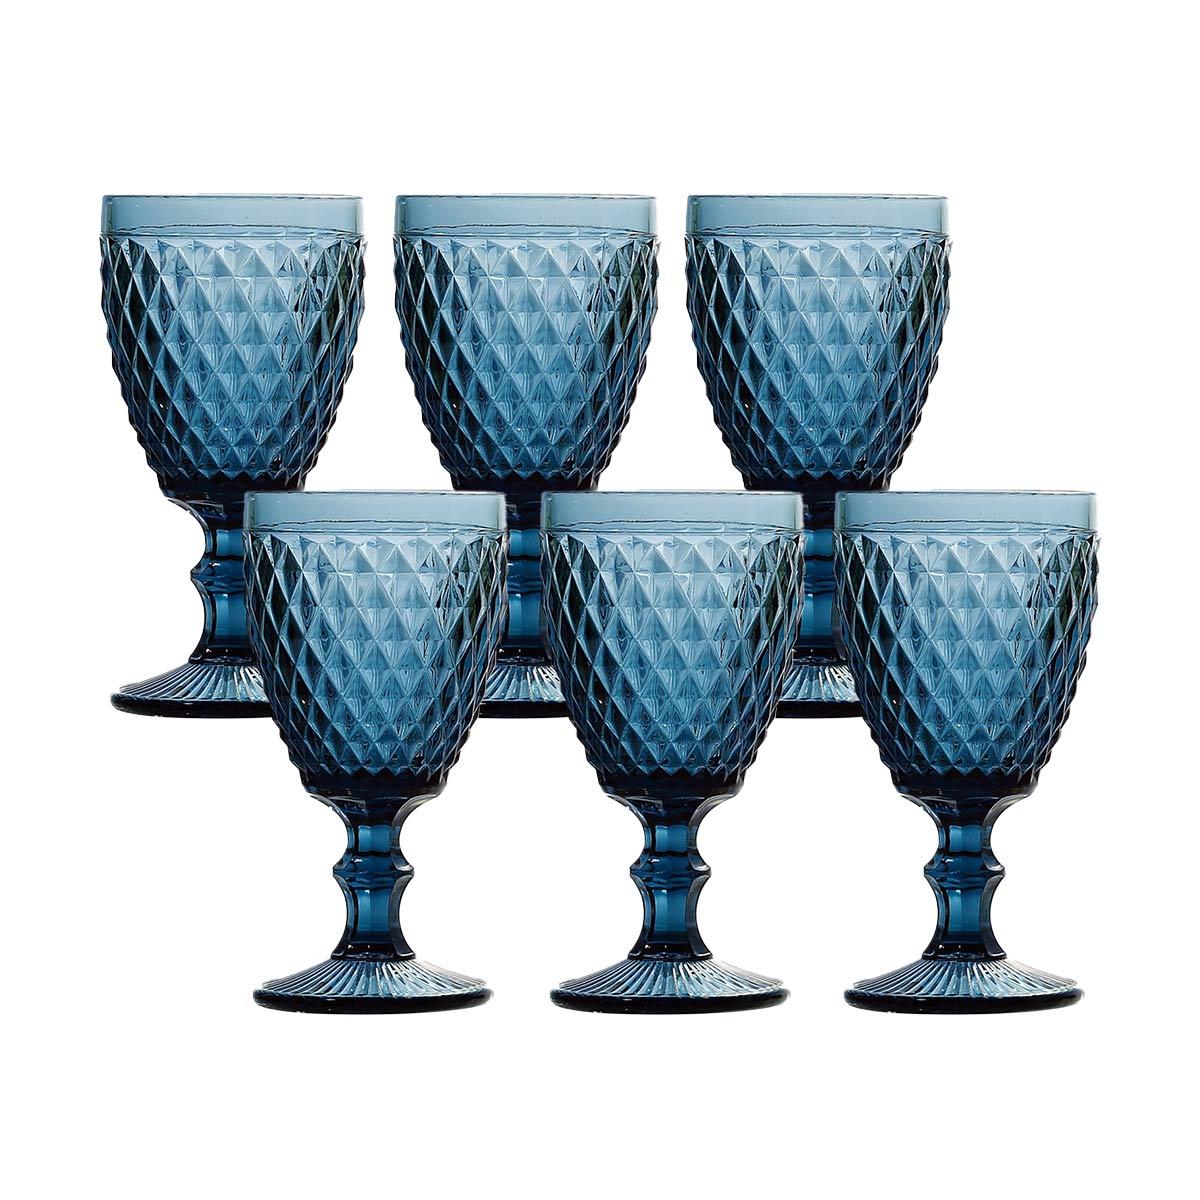 Jogo 6 Taças p/Água em Vidro Azul Bico de Abacaxi 260ml Lyor  - Lemis